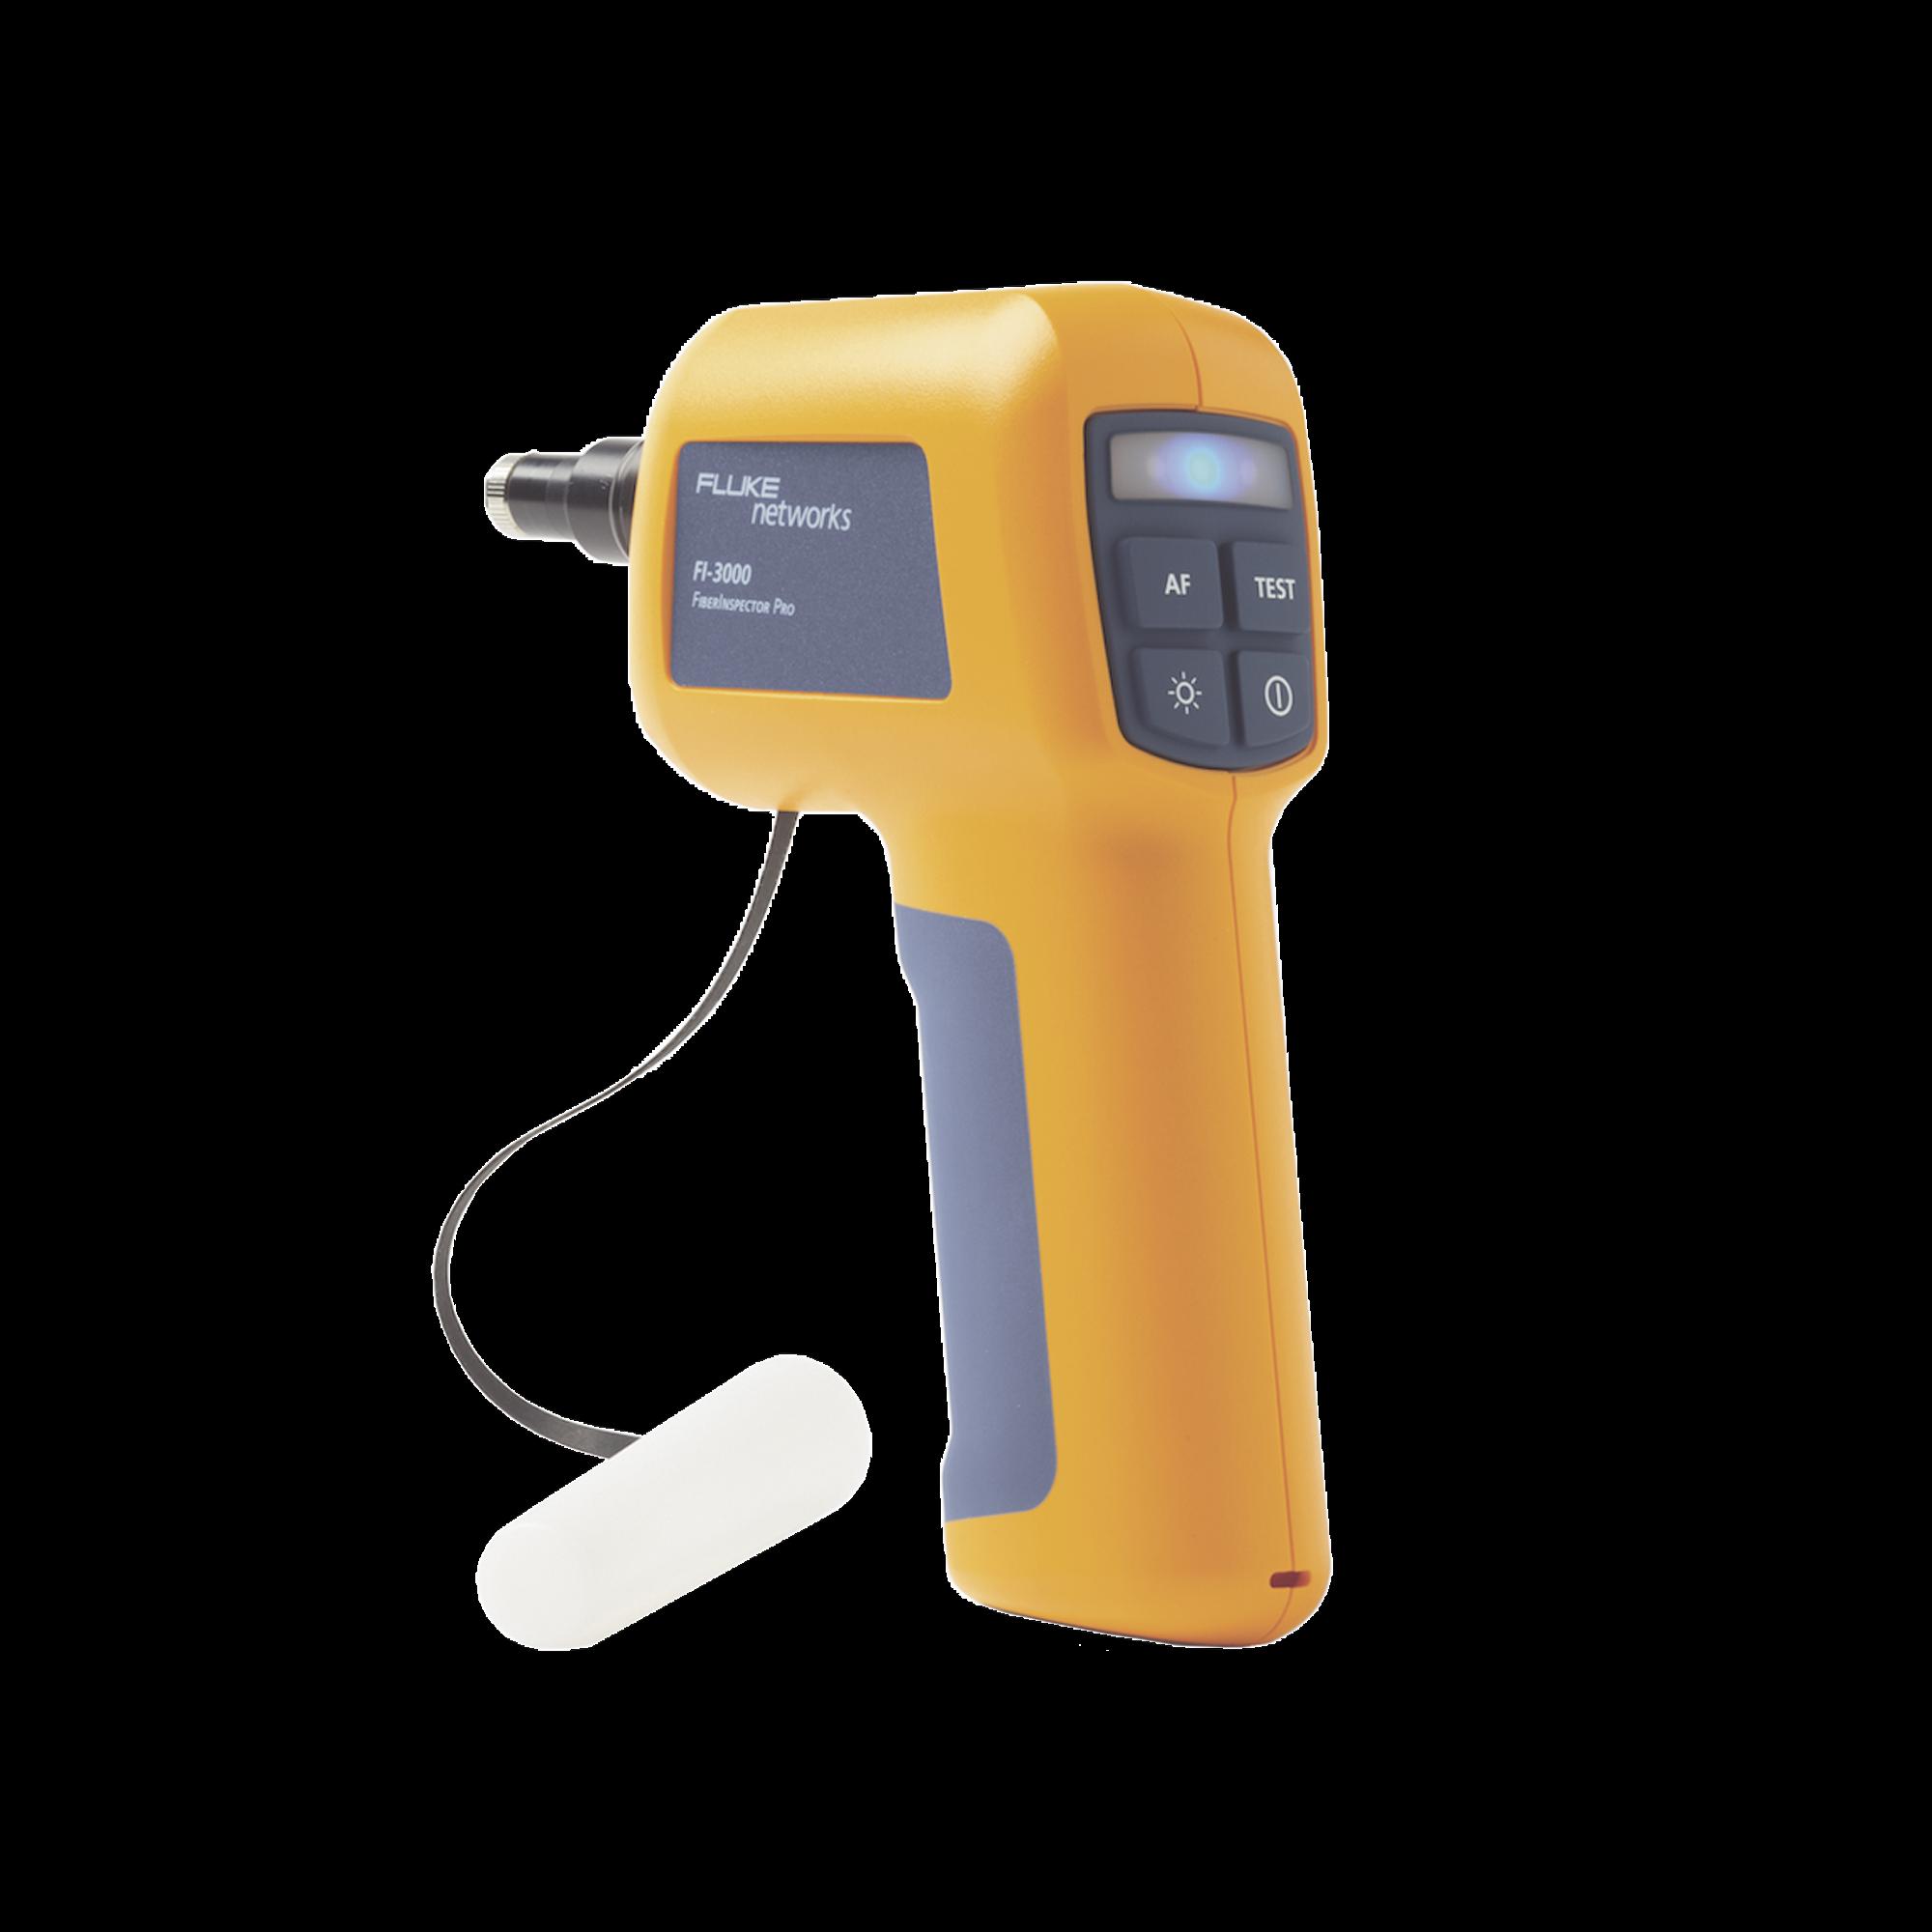 Cámara de Inspección de Fibra óptica FiberInspector?, con Sonda Para Evaluar Terminaciones de Fibra óptica, Compatible con Fibras Individuales o Conectores MPO